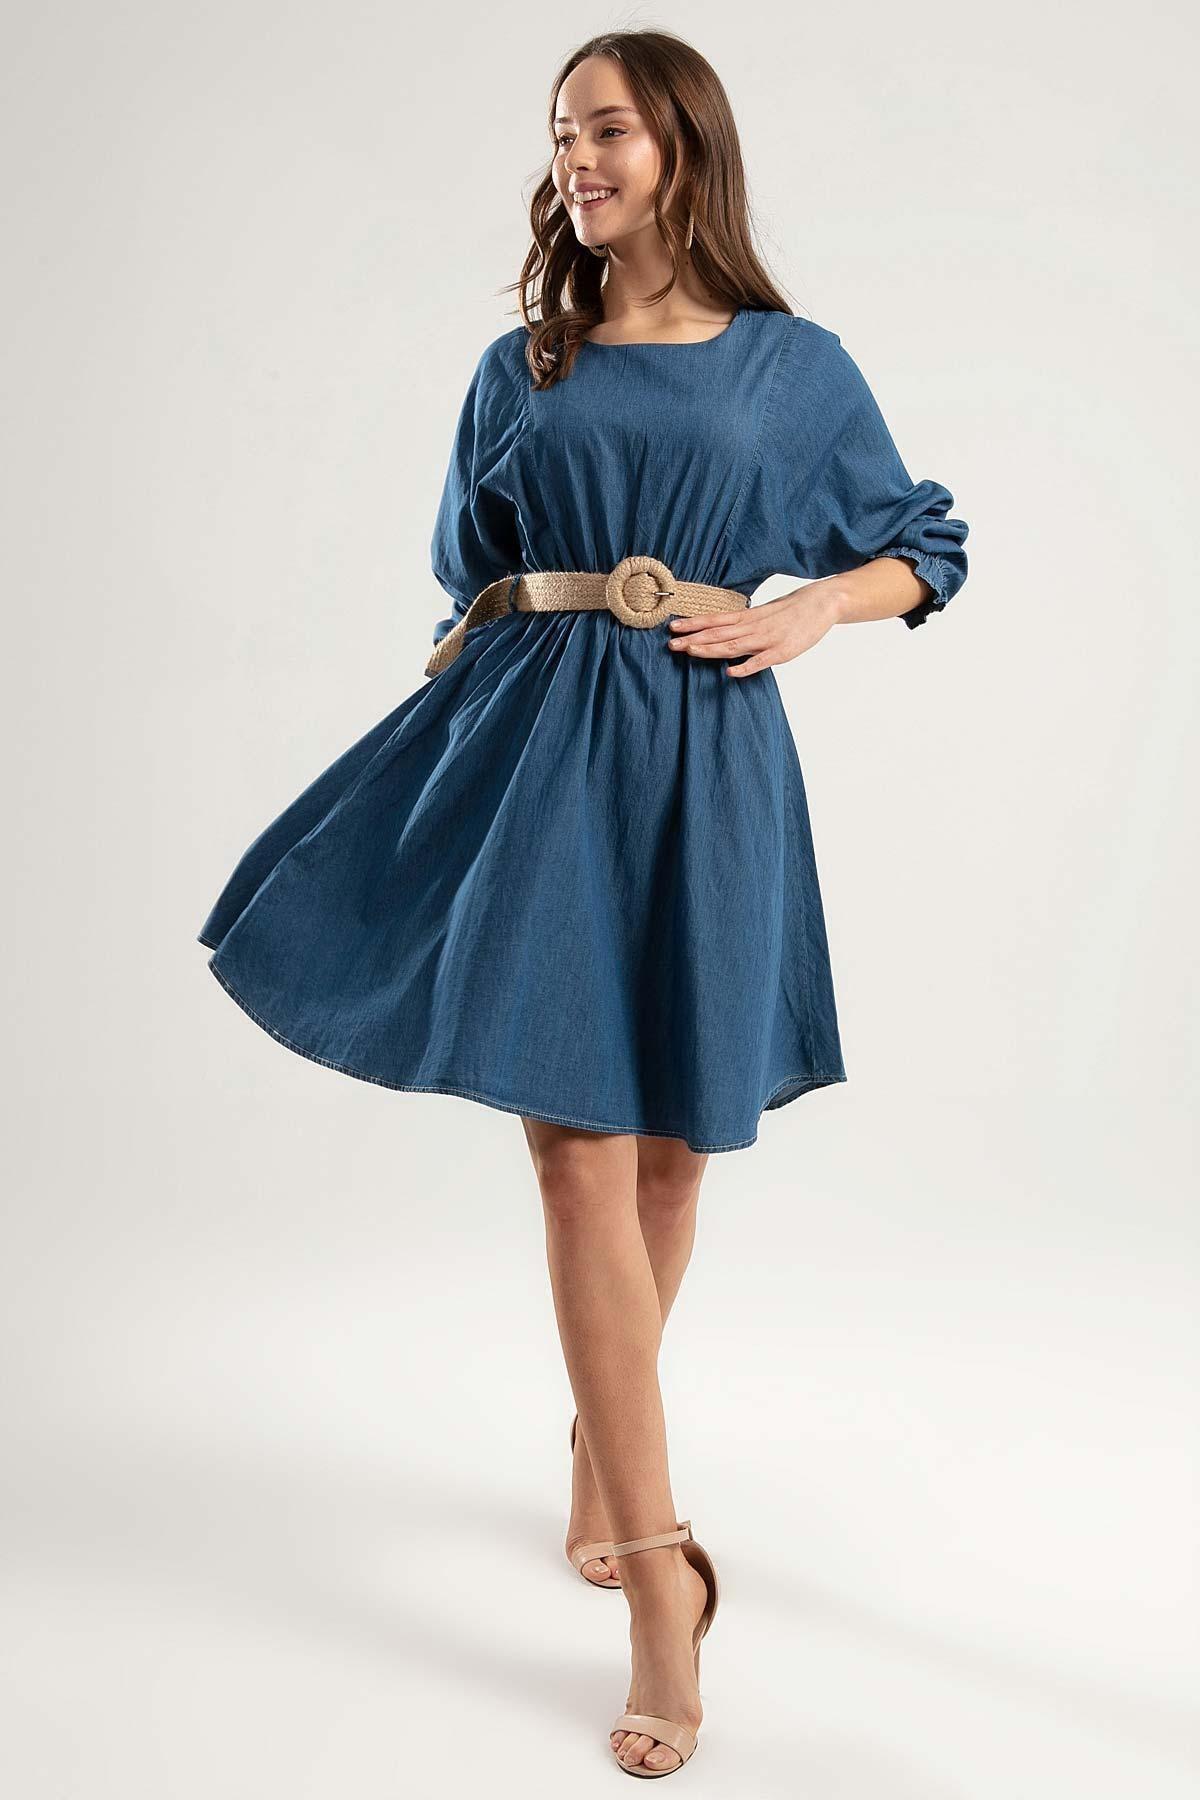 Pattaya Kadın Kemerli Mini Kot Elbise Y20s110-1923 1